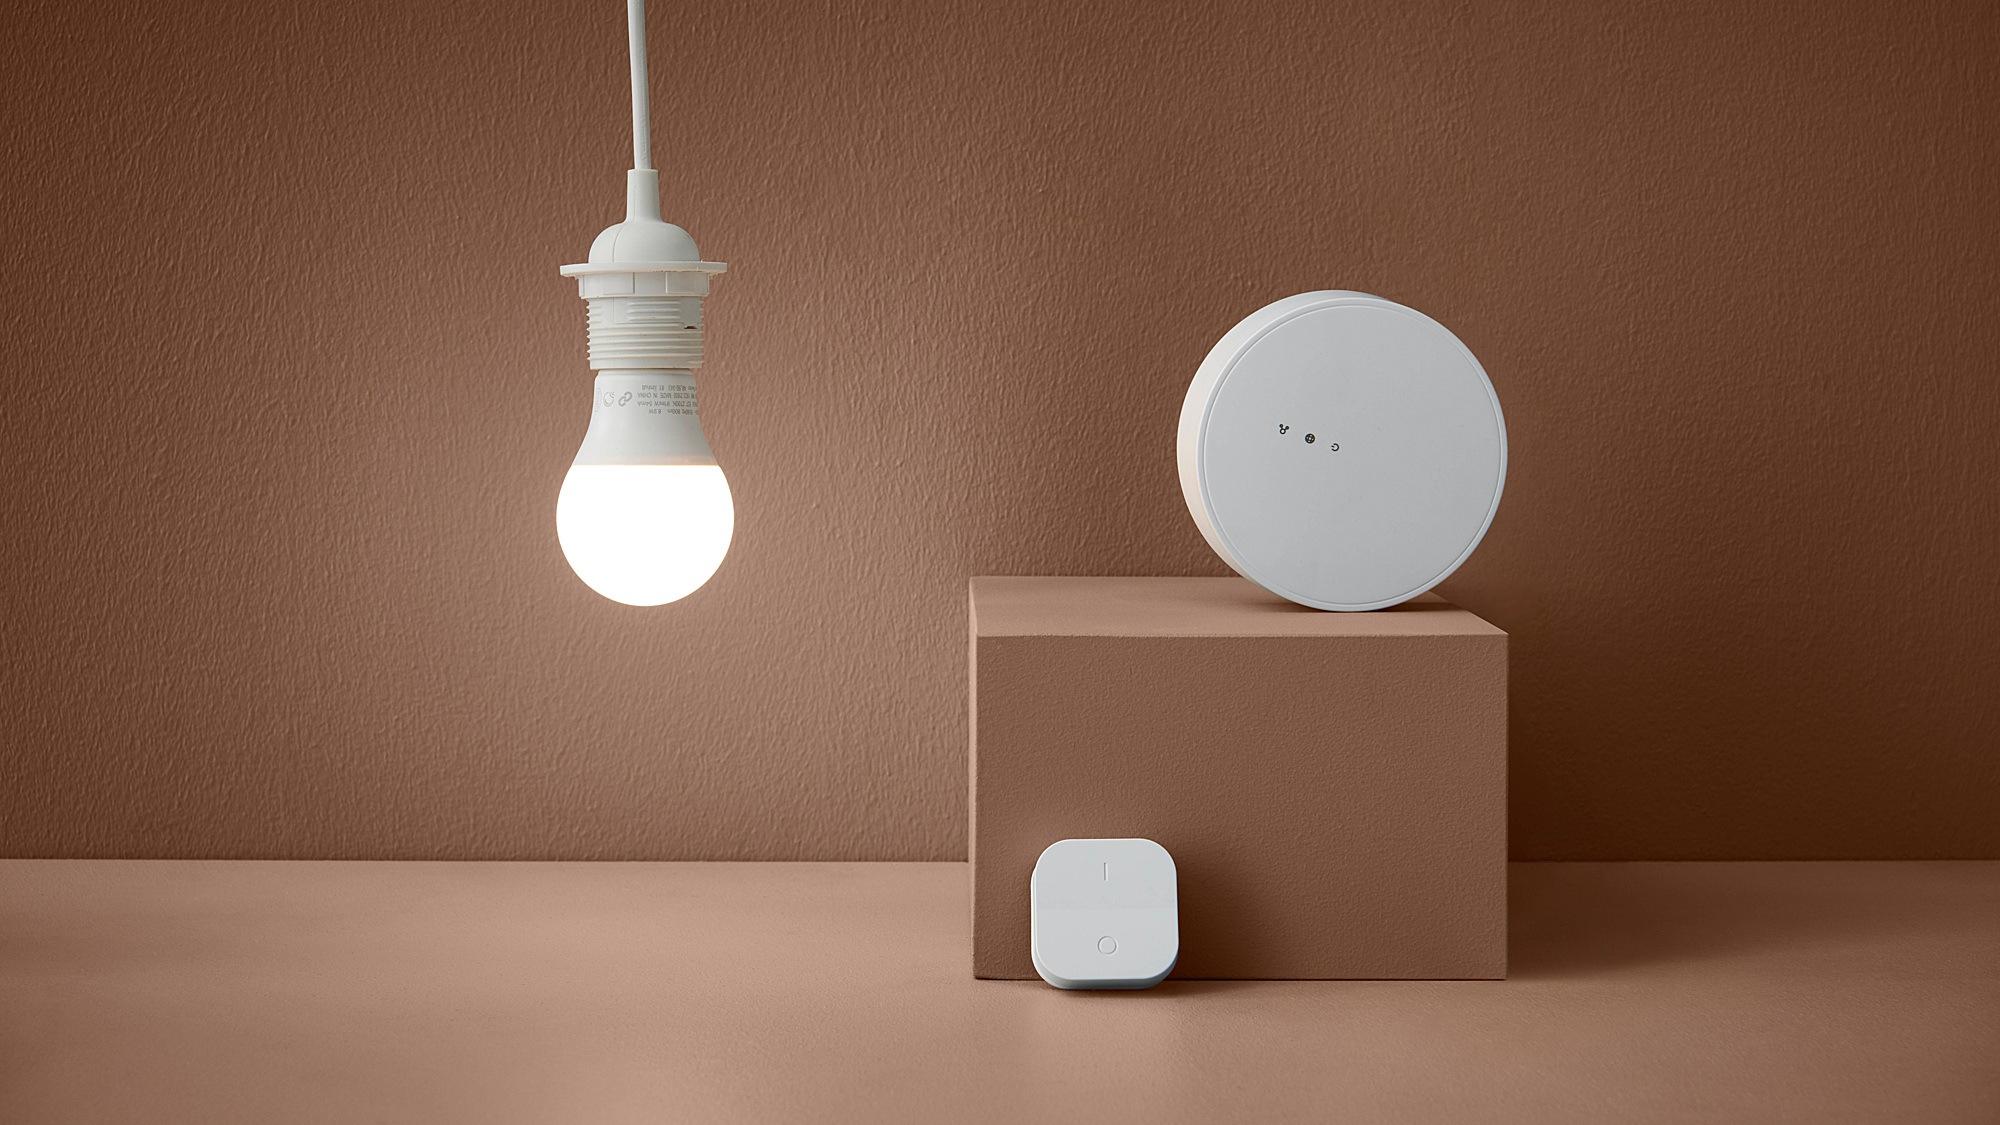 TRÅDFRI Dispositivo de conexión blanco